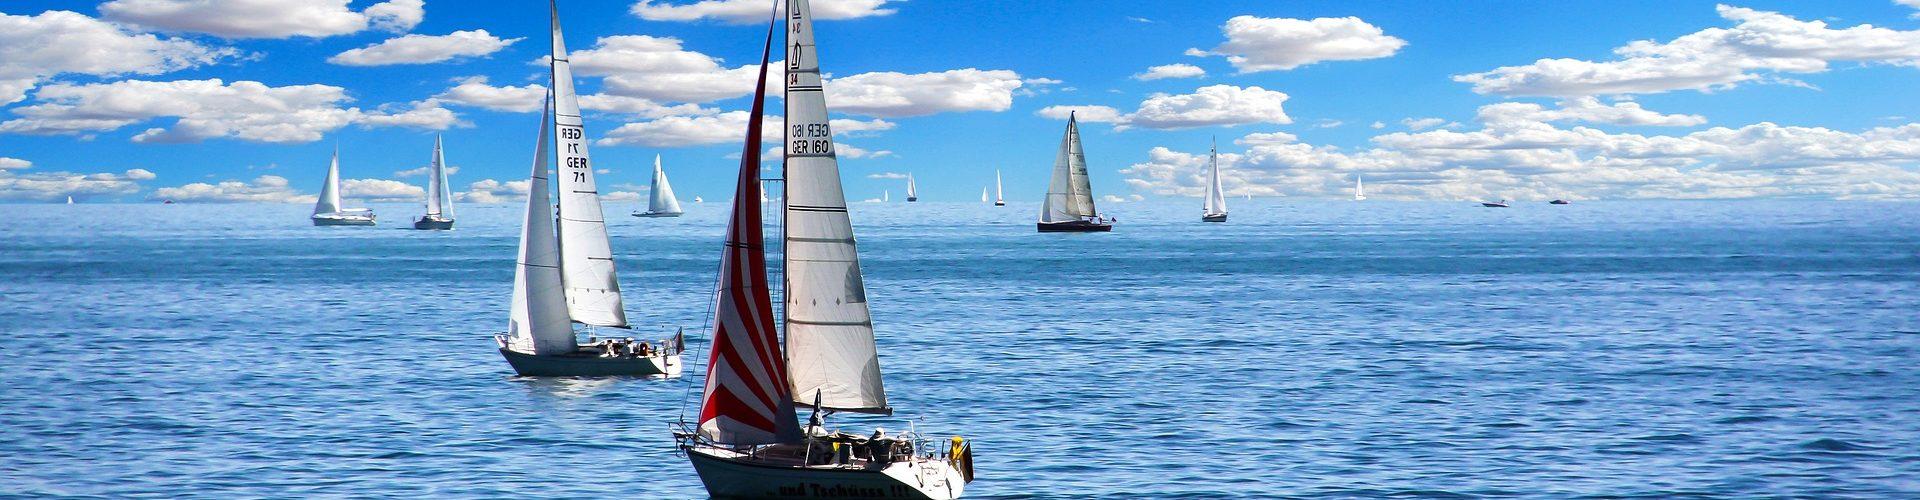 segeln lernen in Sinzig segelschein machen in Sinzig 1920x500 - Segeln lernen in Sinzig